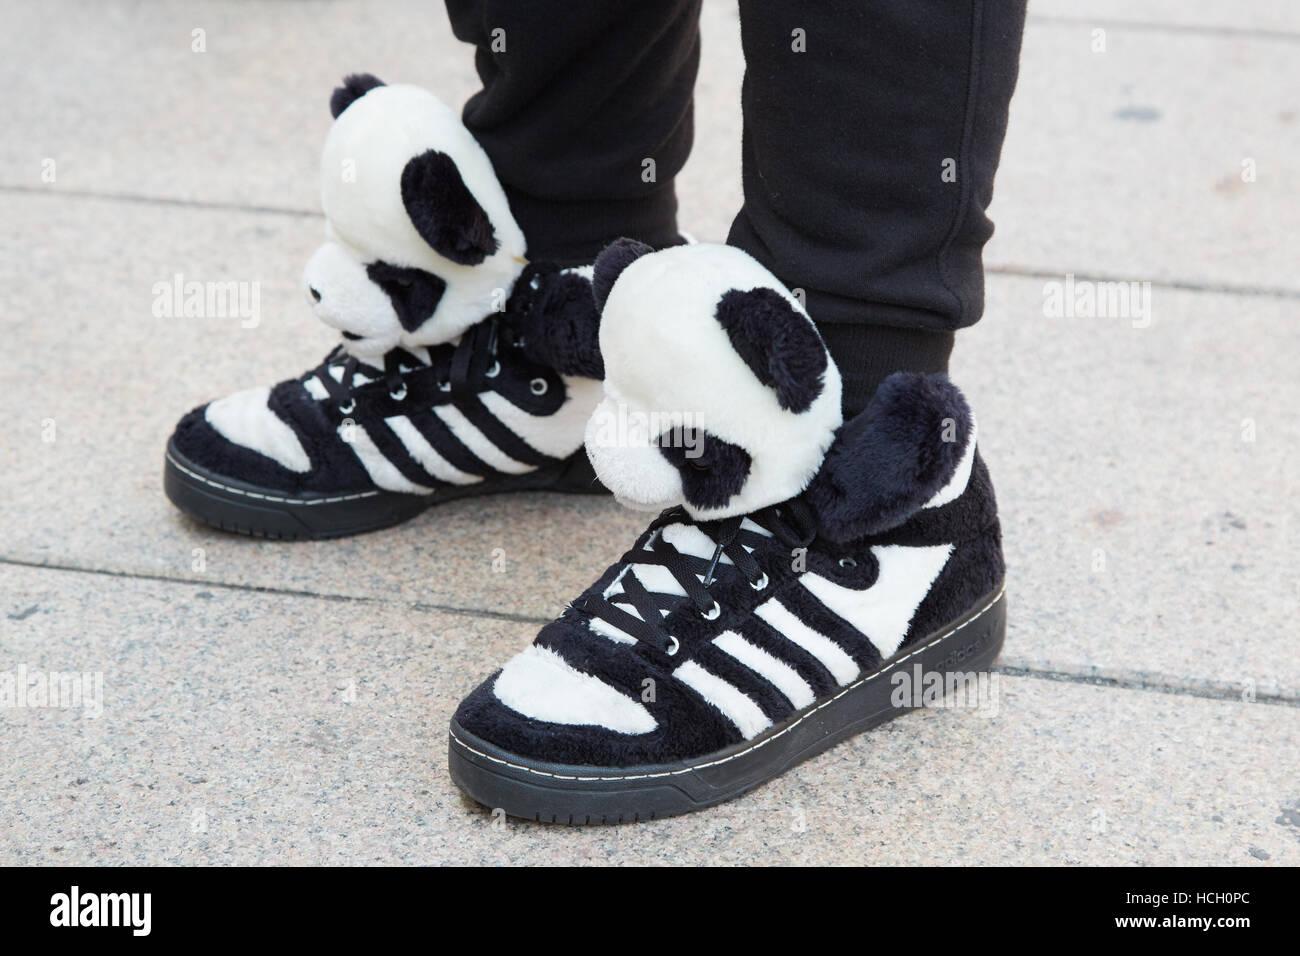 adidas scarpe orso